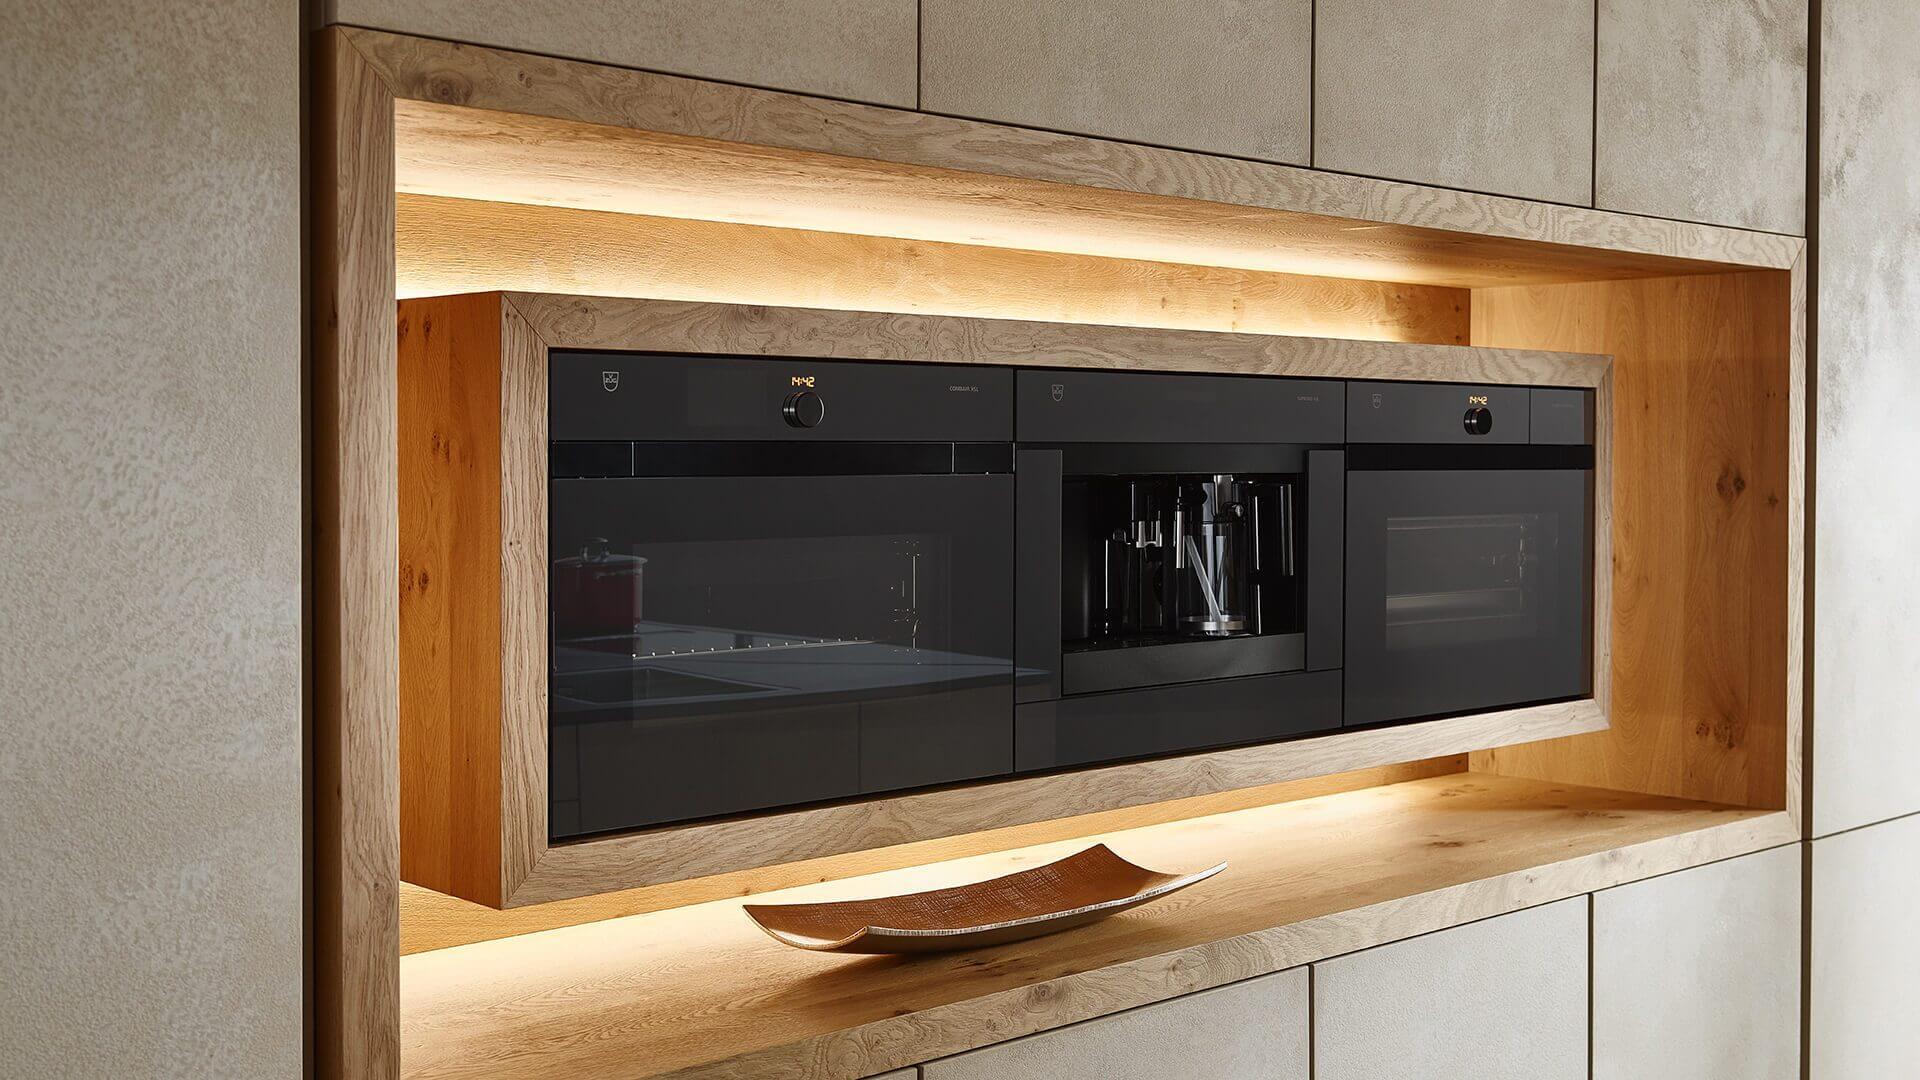 Stilvoll: Freischwebende Küchengeräte in Küchenzeile aus gespachteltem Stein